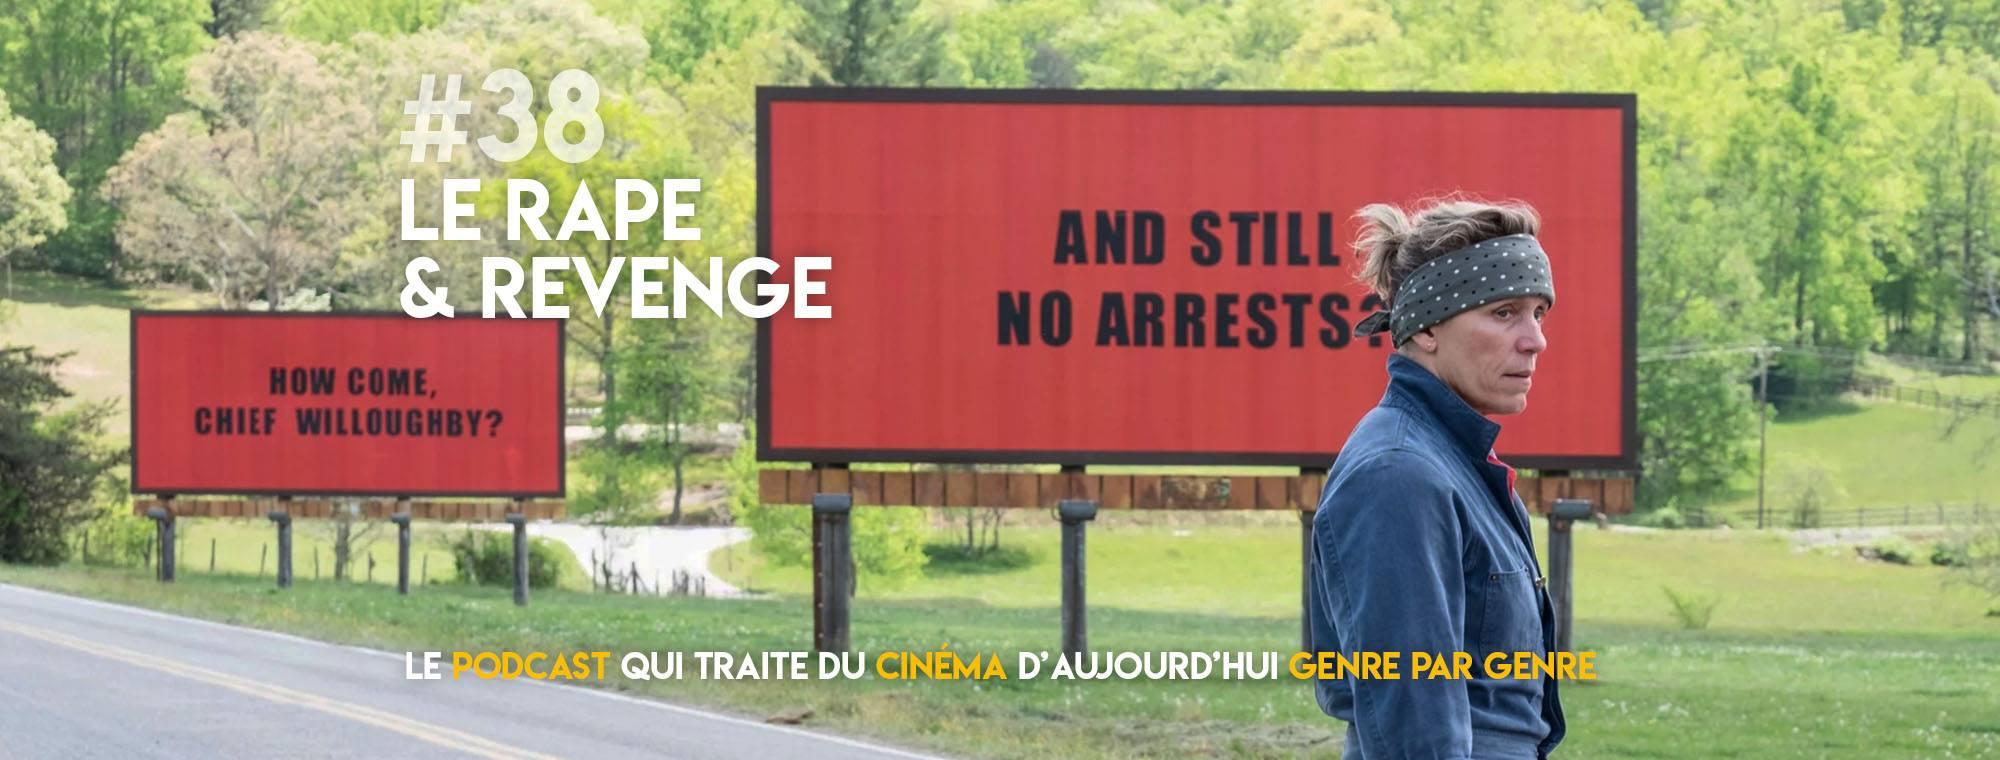 Parlons Péloches - #38 Le rape & revenge